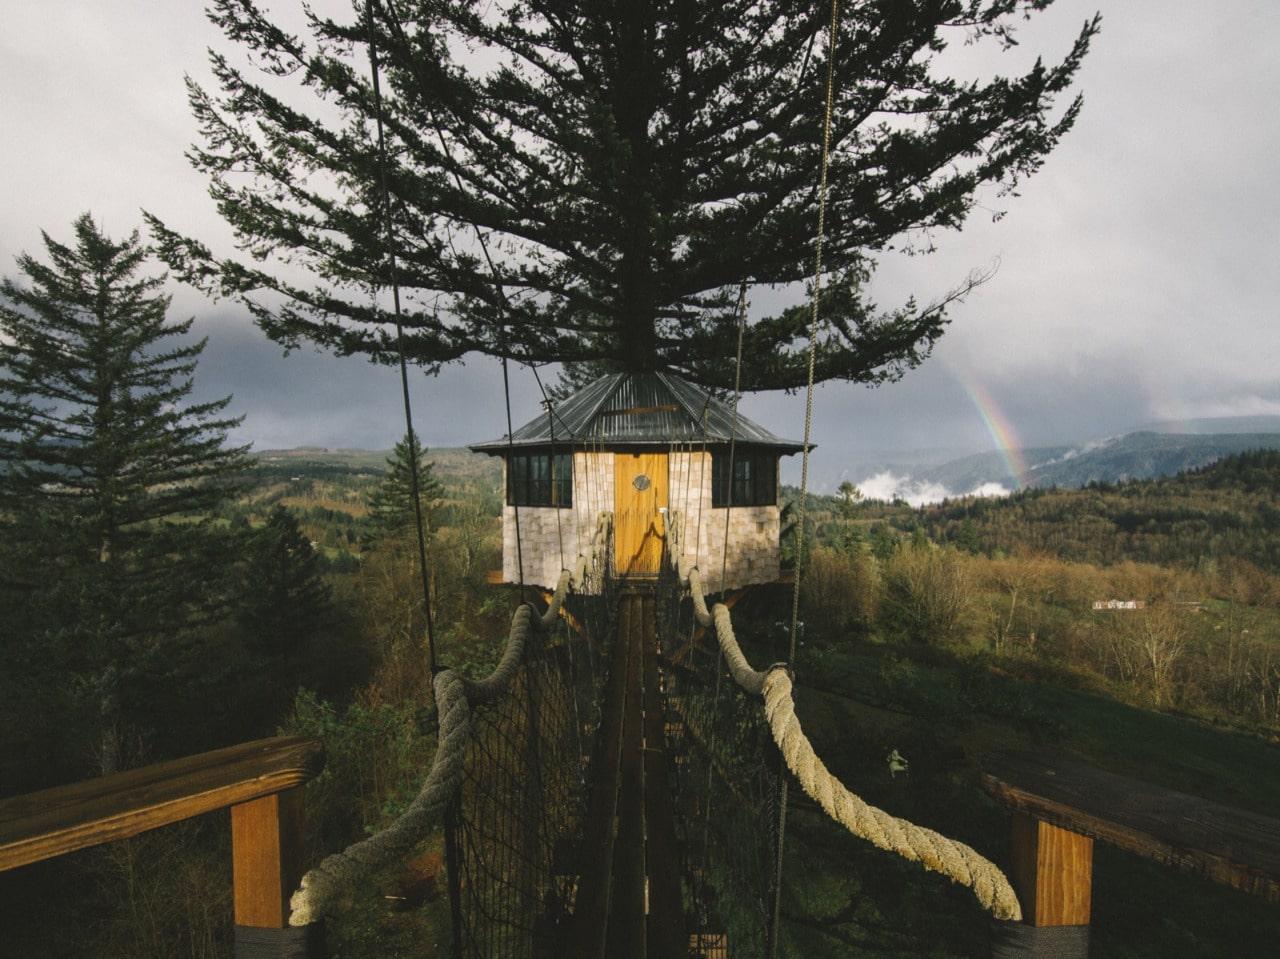 Vivre dans une cabane au milieu de la nature : Foster Huntington